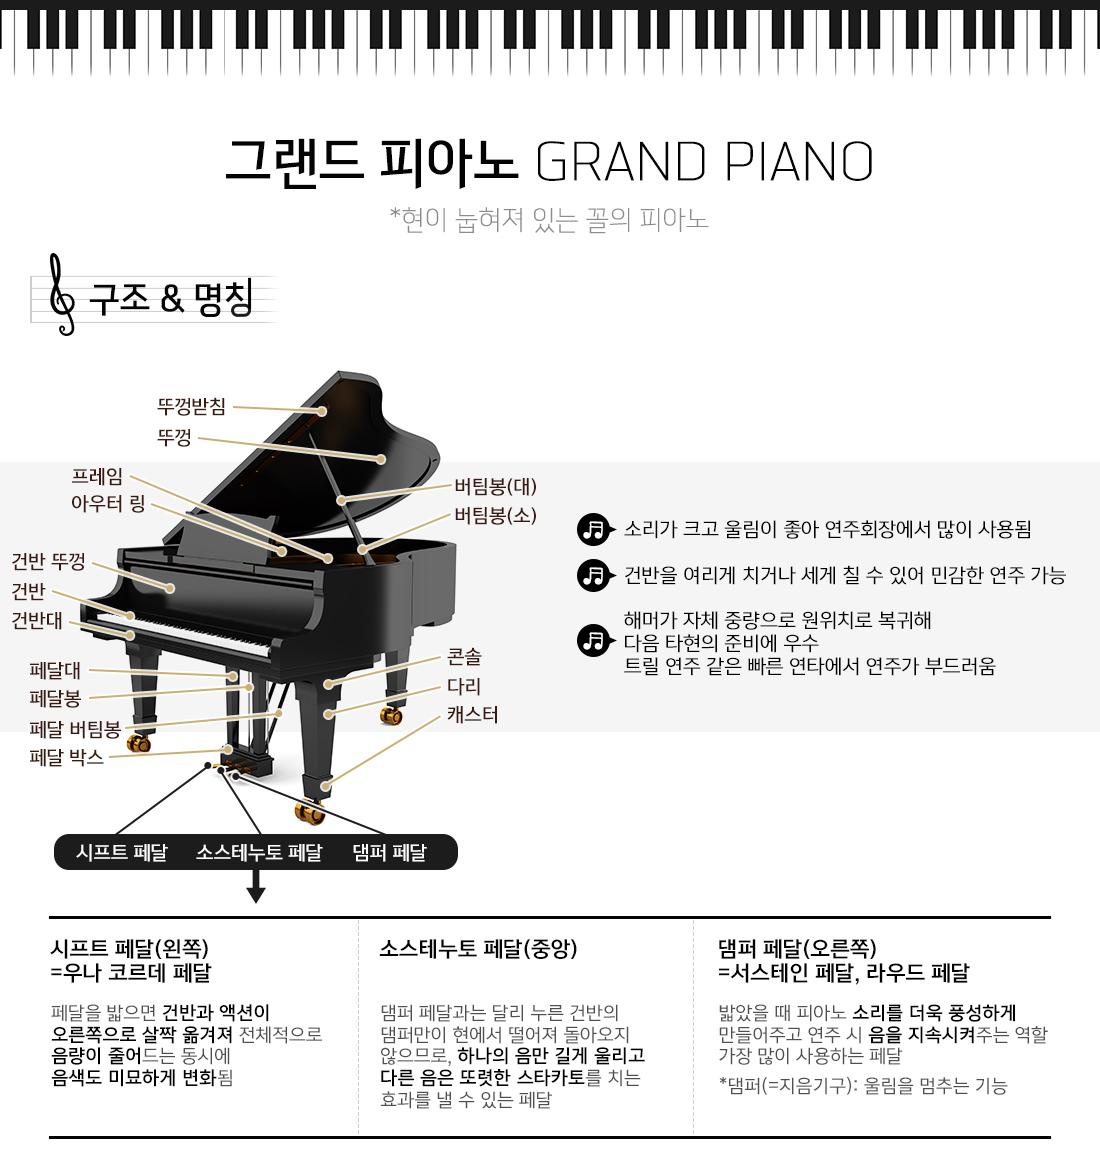 그랜드 피아노 GRAND PIANO 현이 눕혀져 있는 꼴의 피아노